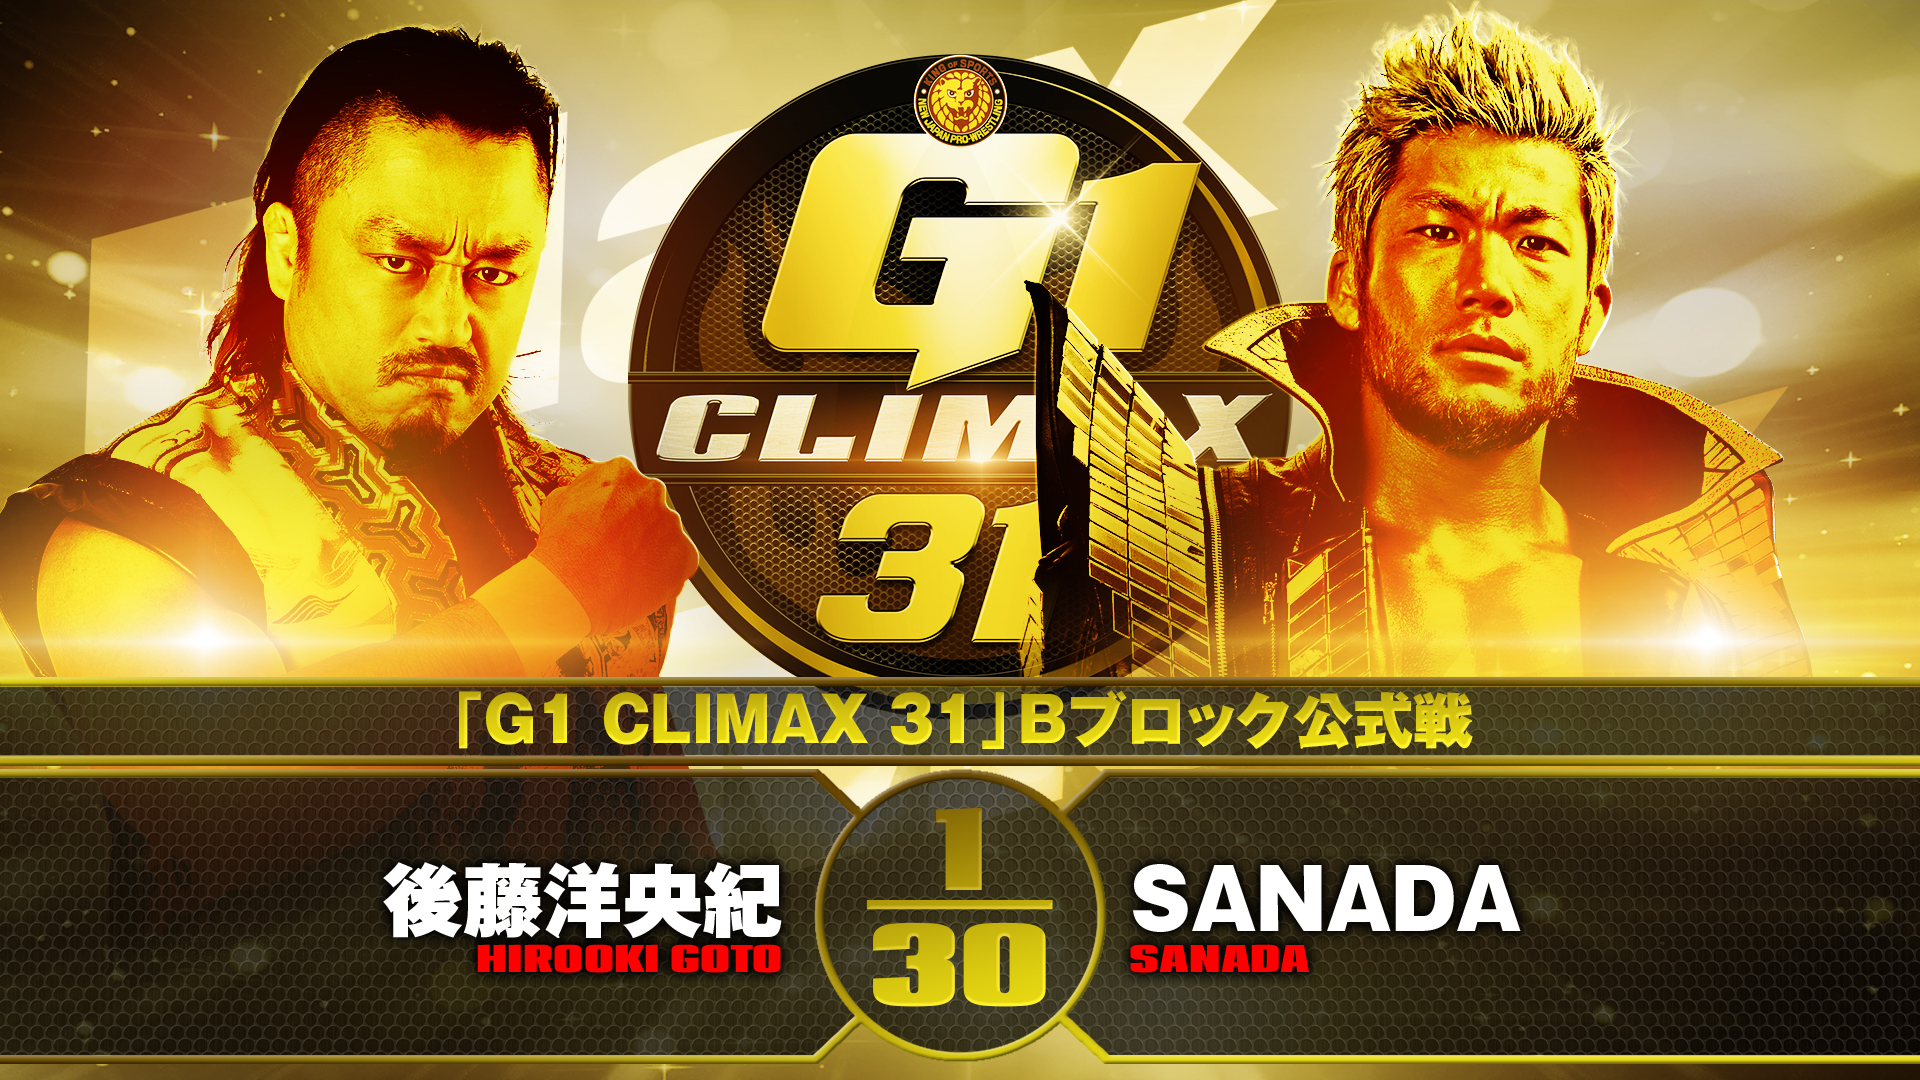 【第3試合】結果速報!新日本プロレス 2021年10月14日『G1 CLIMAX 31』